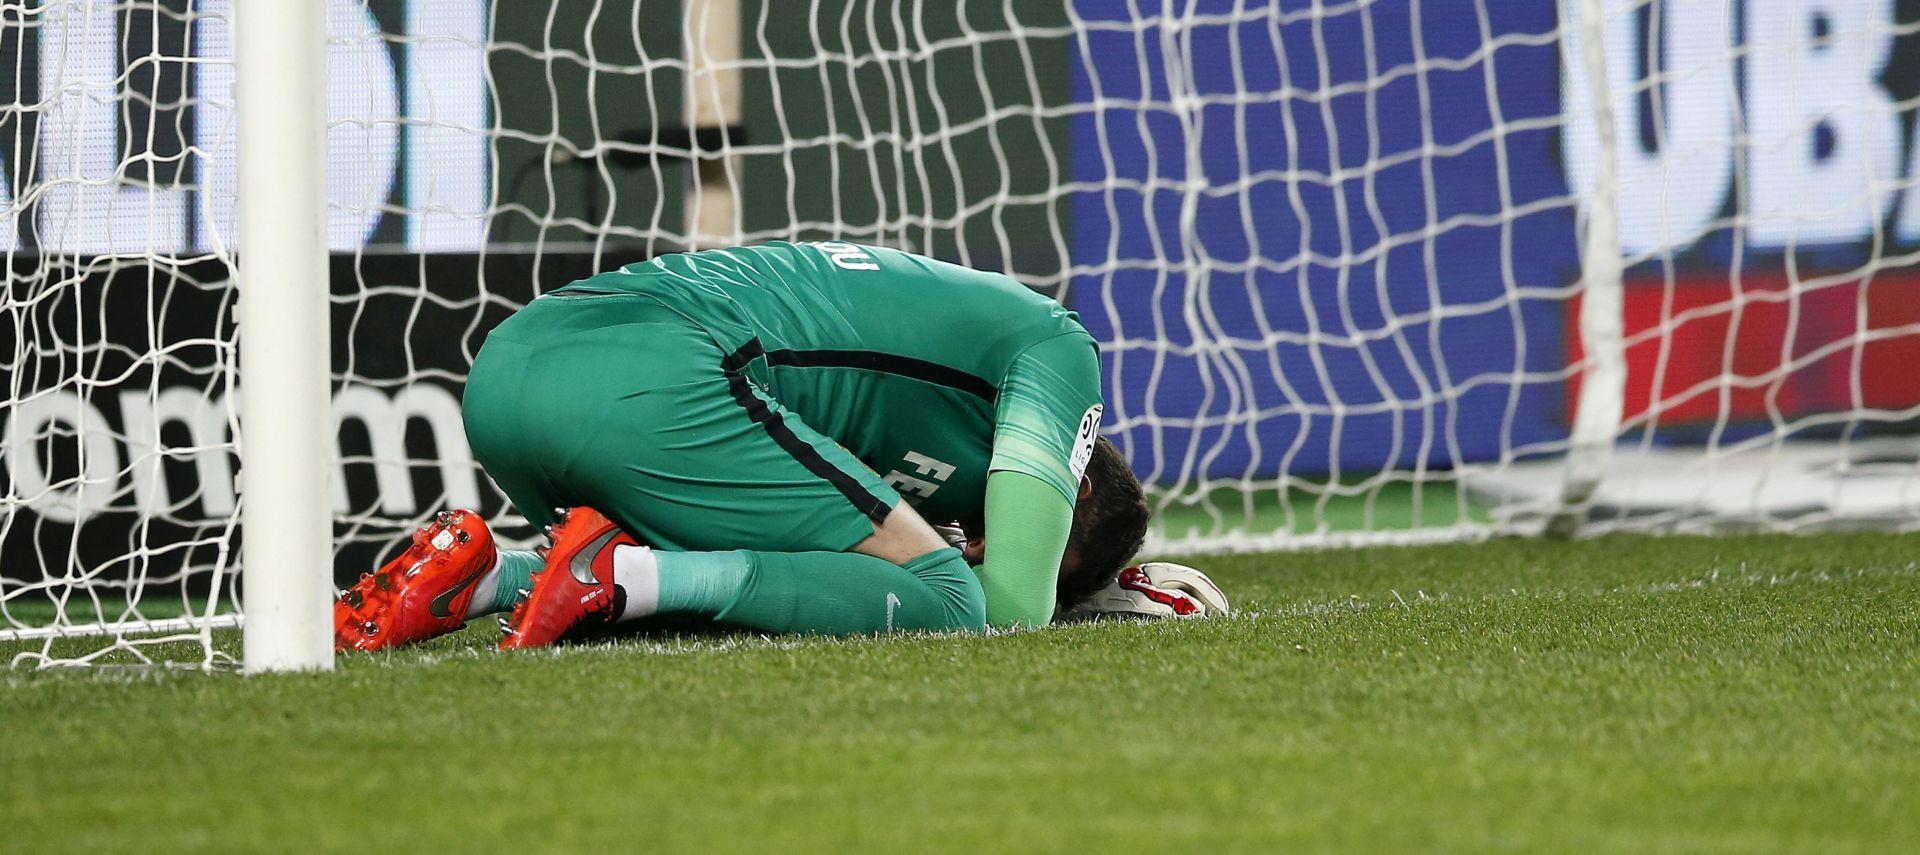 LIGUE 1 Težak poraz Monaca, Subašić primio četiri gola